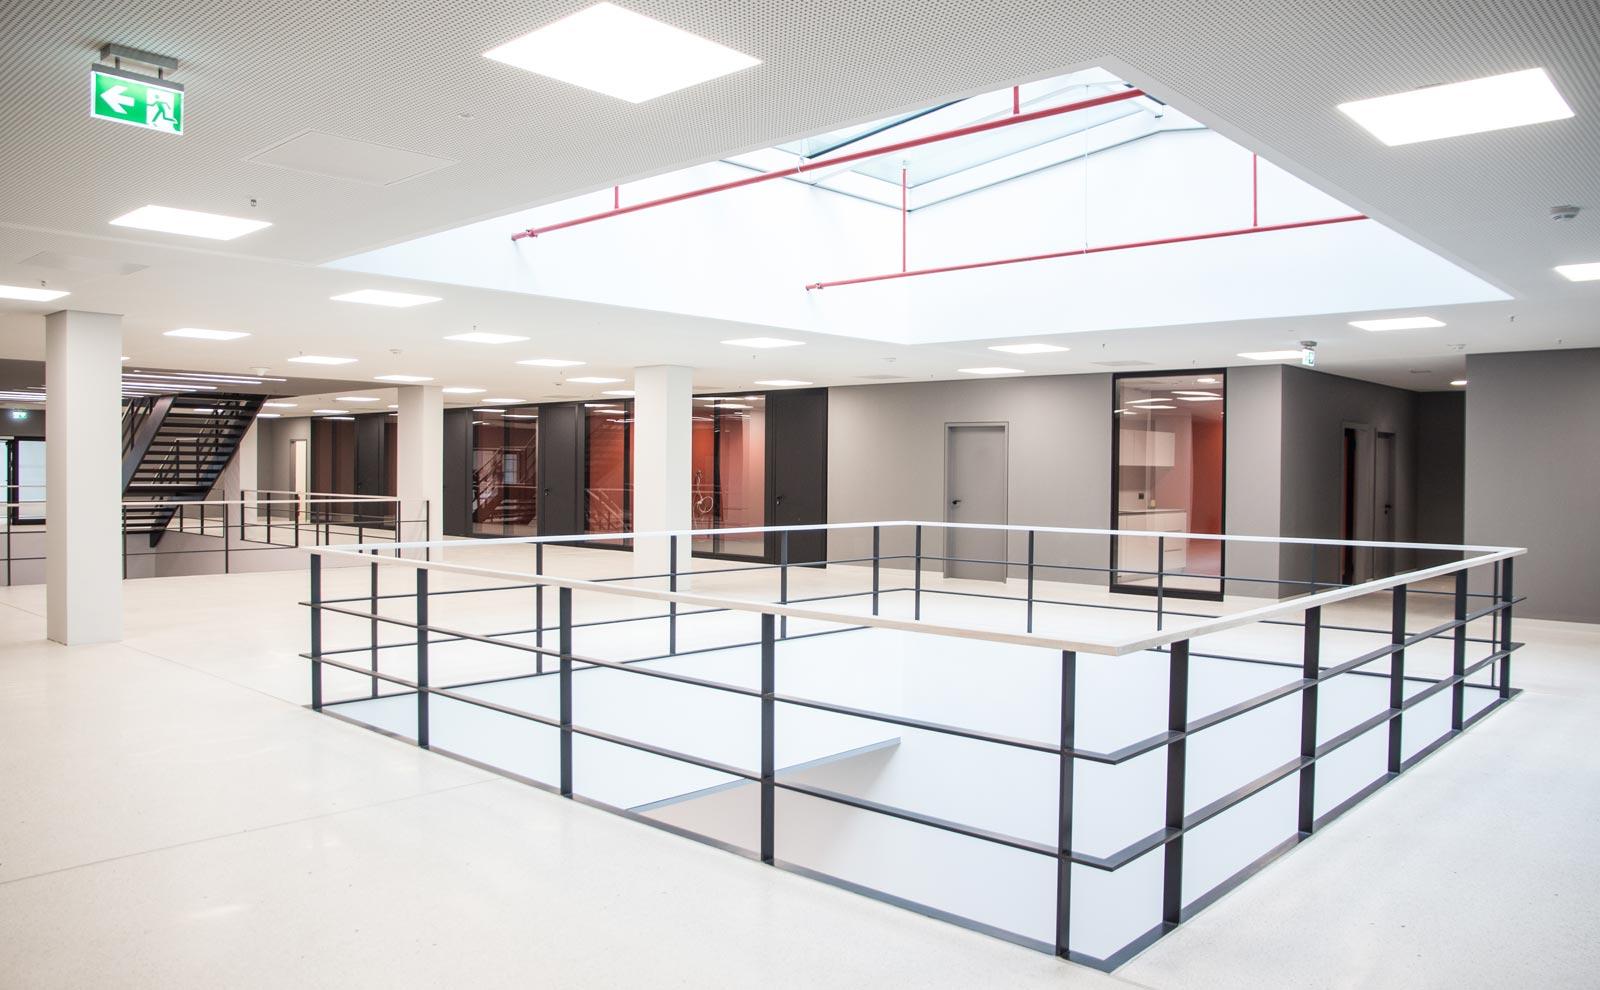 Die Innenräume des Neubaus für Gira von Sauerbruch & Hutton sind hell und lichtdurchflutet